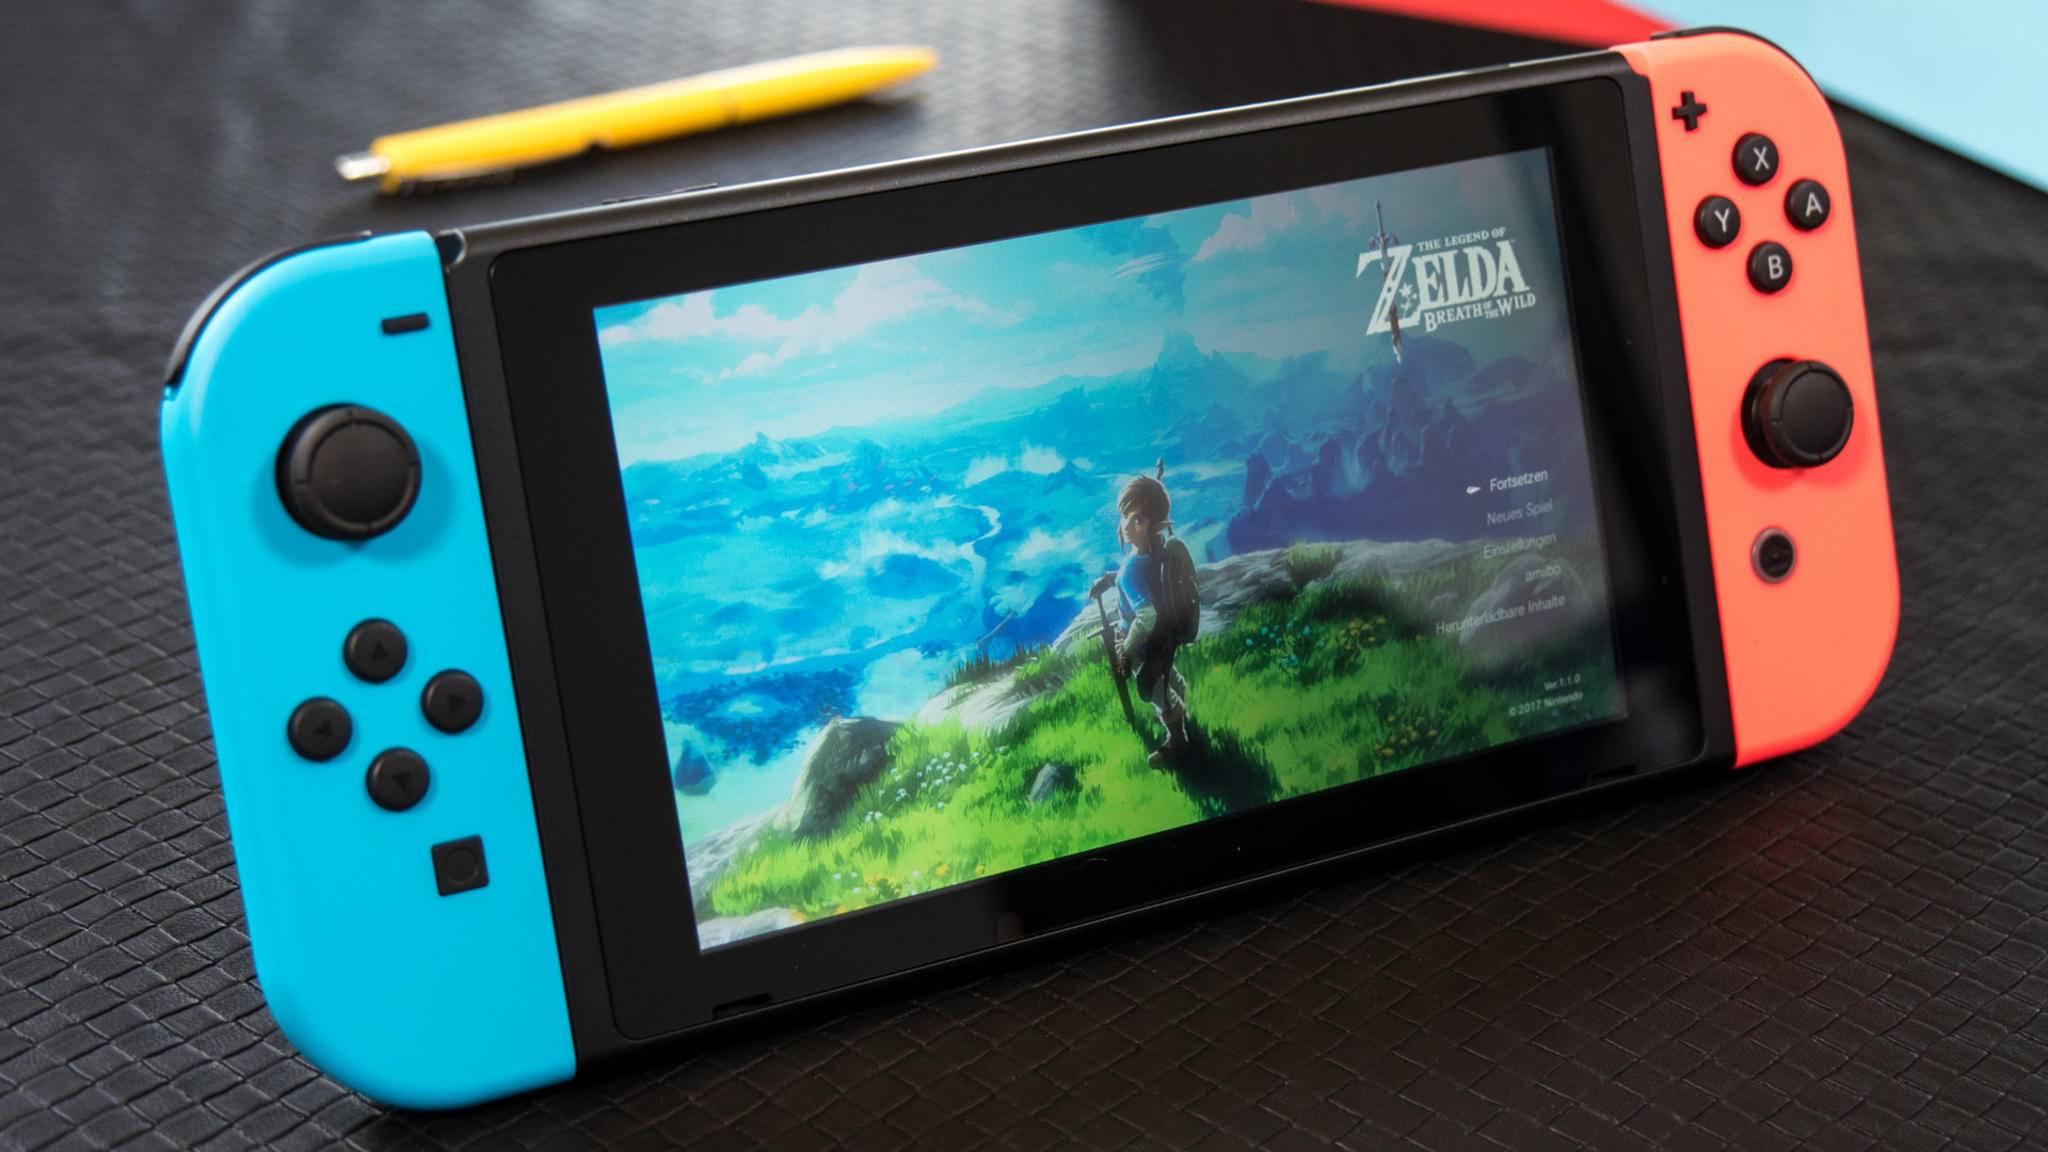 """USK ab 12 Jahren: """"The Legend of Zelda: Breath of the Wild"""" auf der Nintendo Switch."""